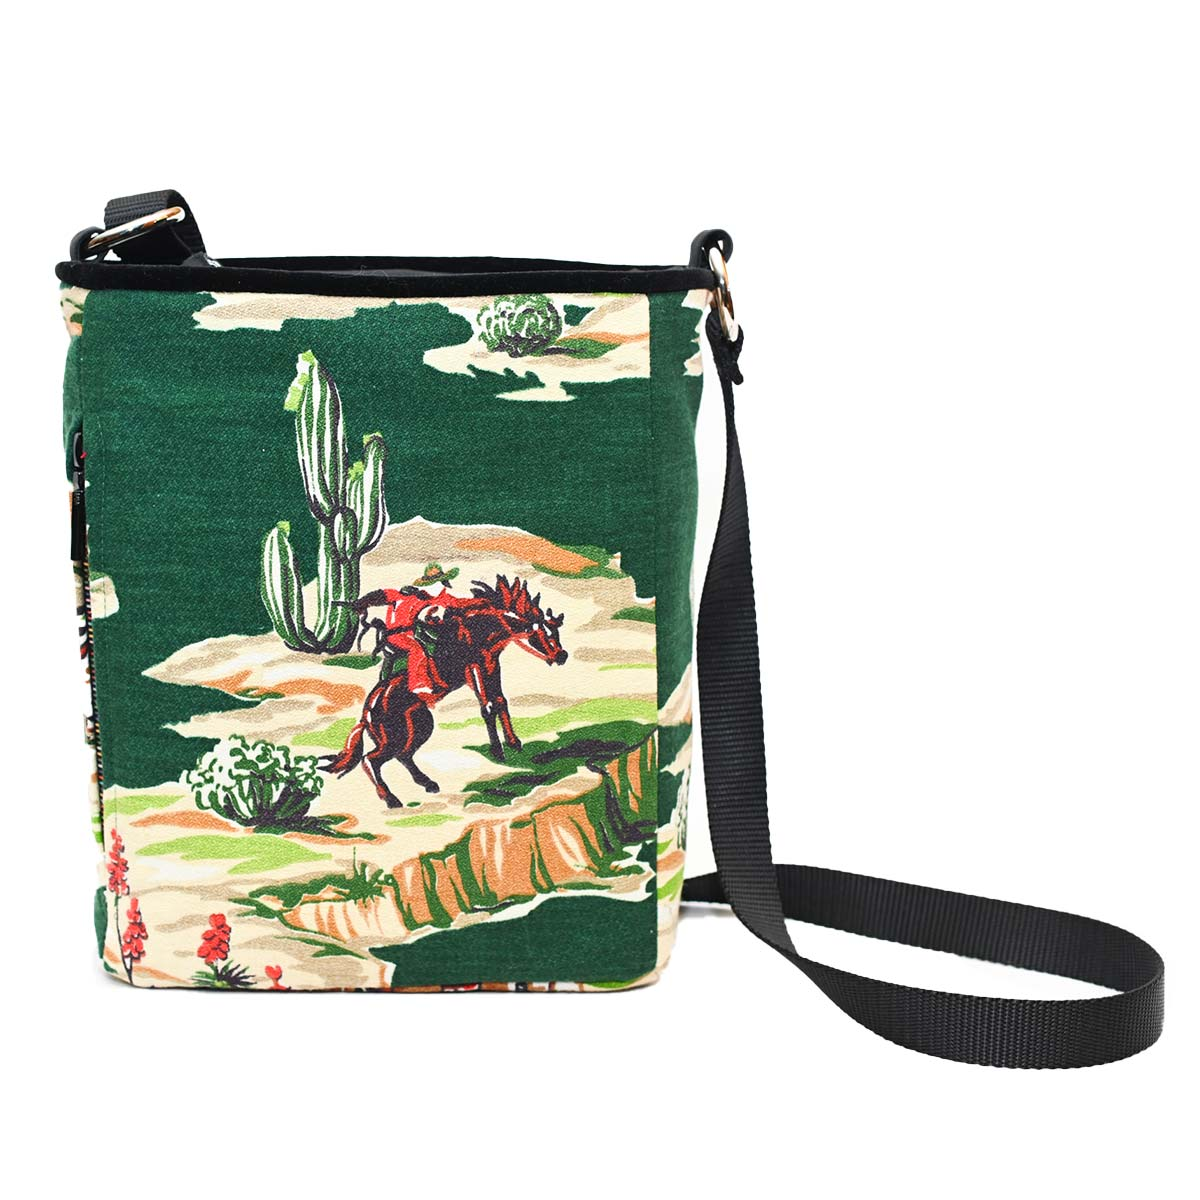 crossbody bag western motif on green DSC 6569